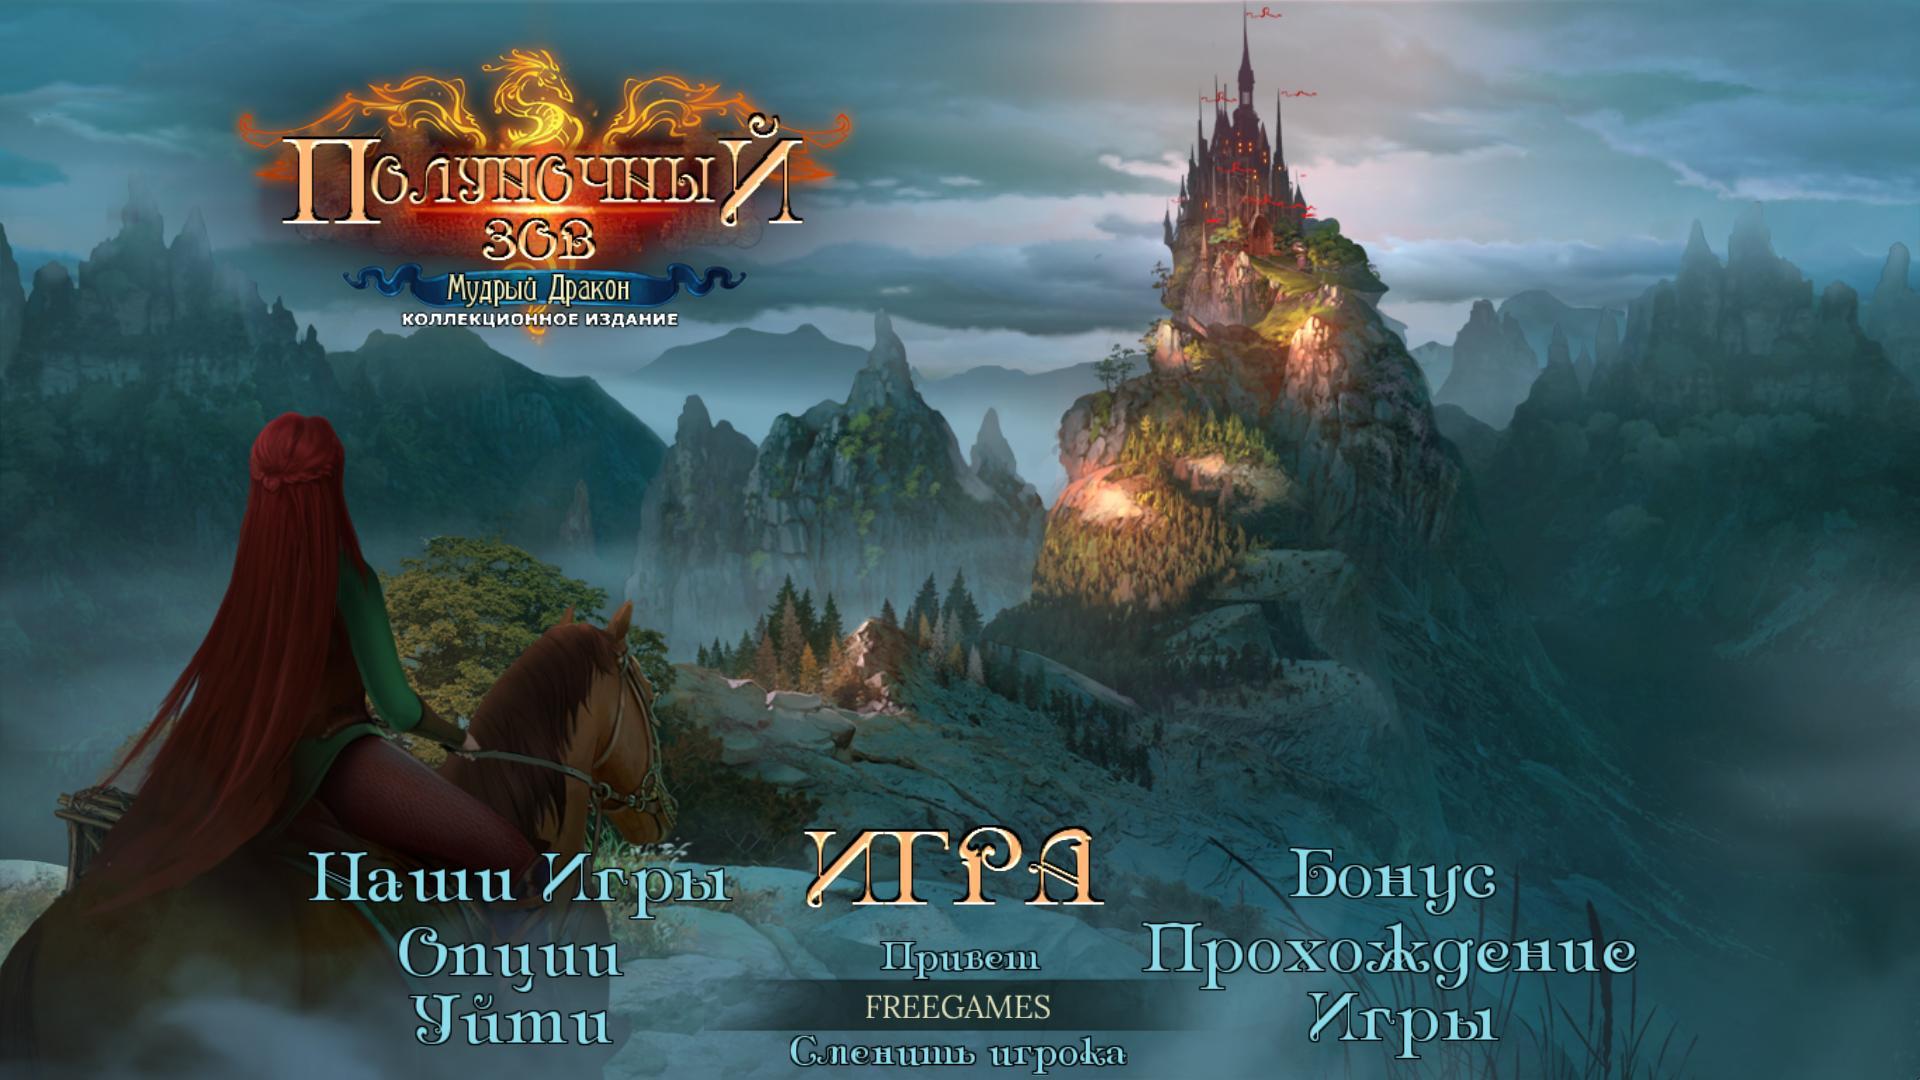 Полуночный Зов 4: Мудрый Дракон. Коллекционное издание | Midnight Calling 4: Wise Dragon CE (Rus)